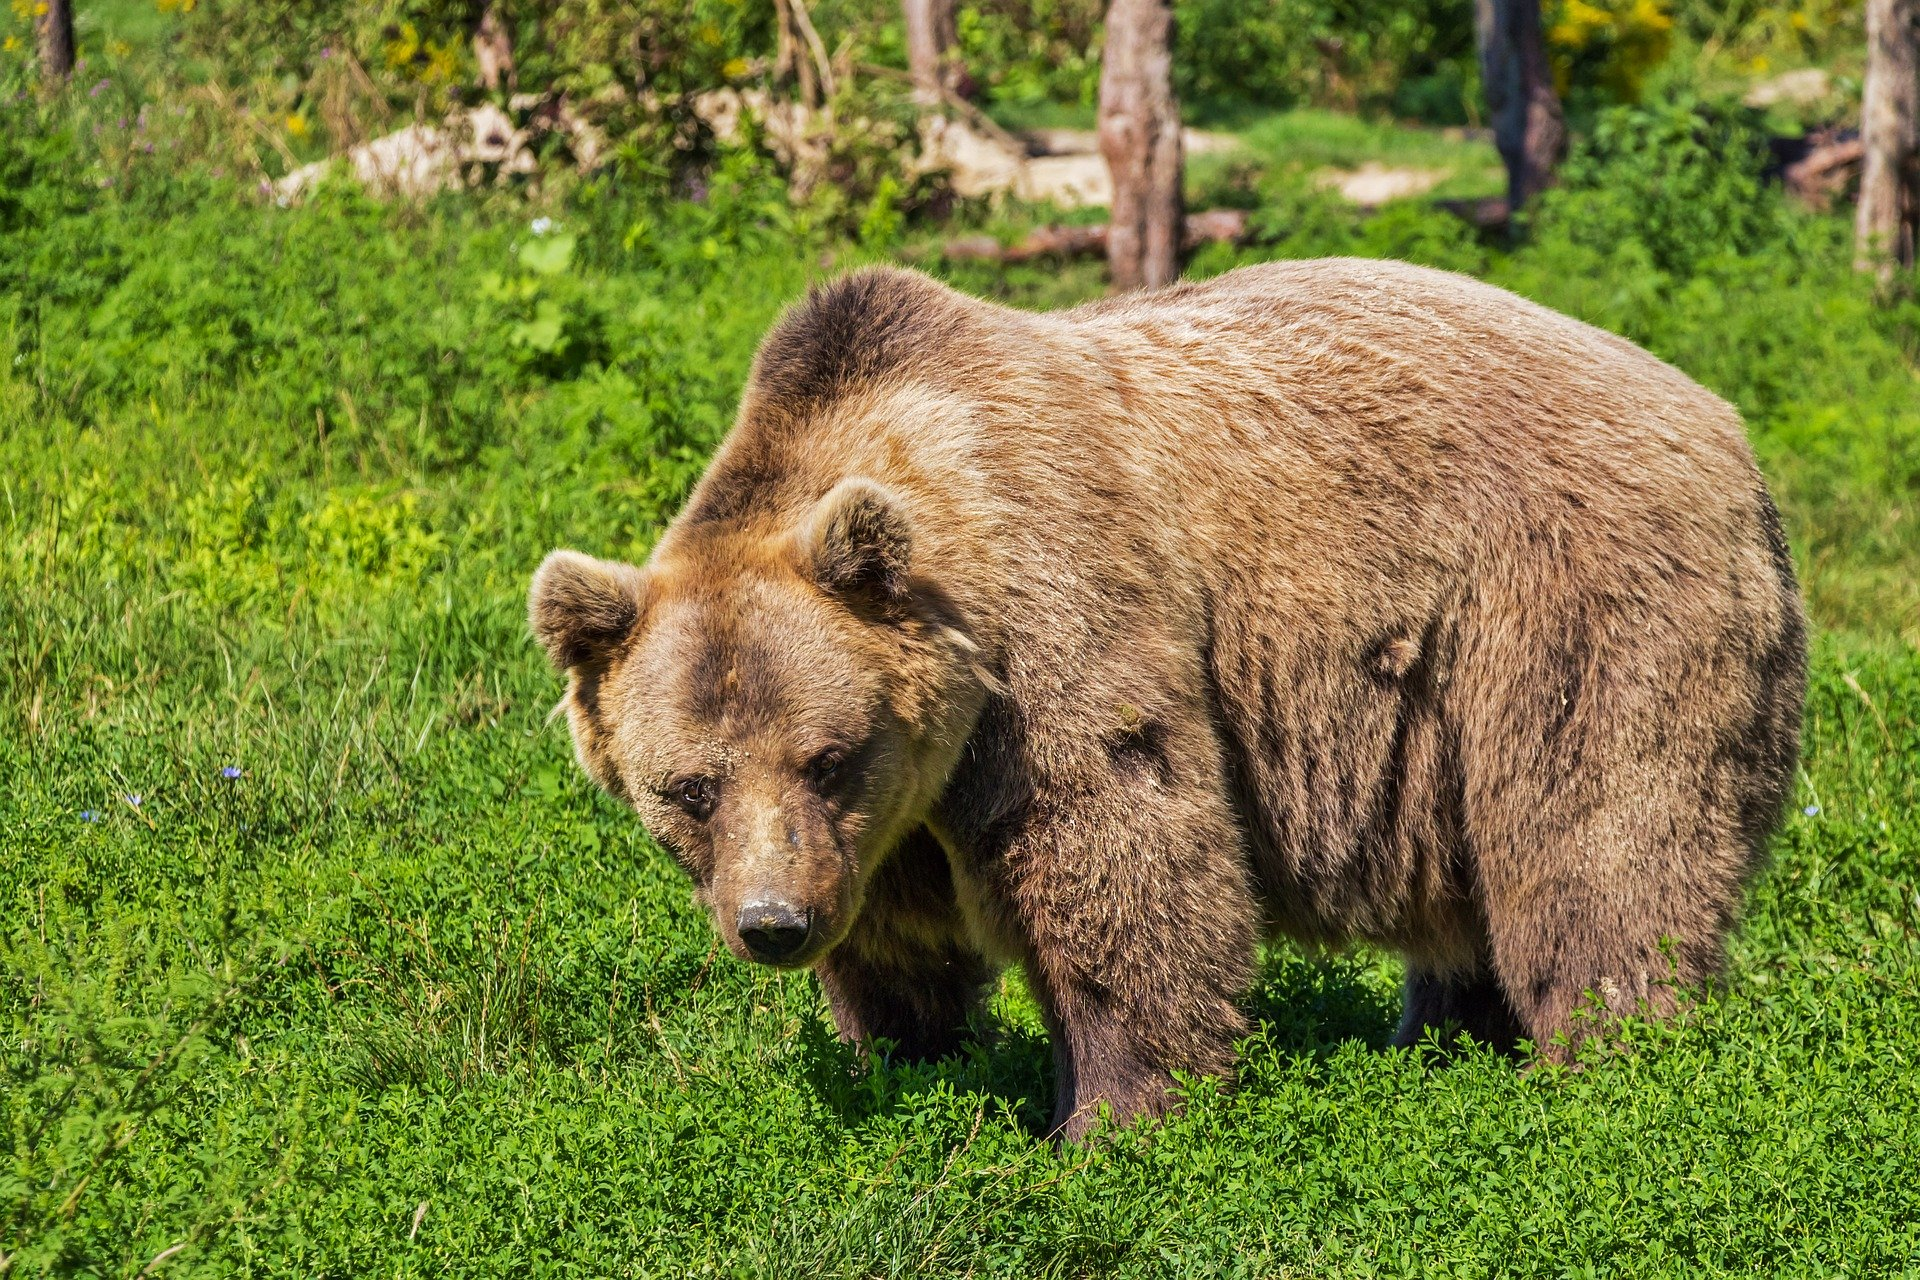 Bieszczady. Niedźwiedzie panoszą się po podwórkach wczasowiczów [ZDJĘCIA] - Zdjęcie główne